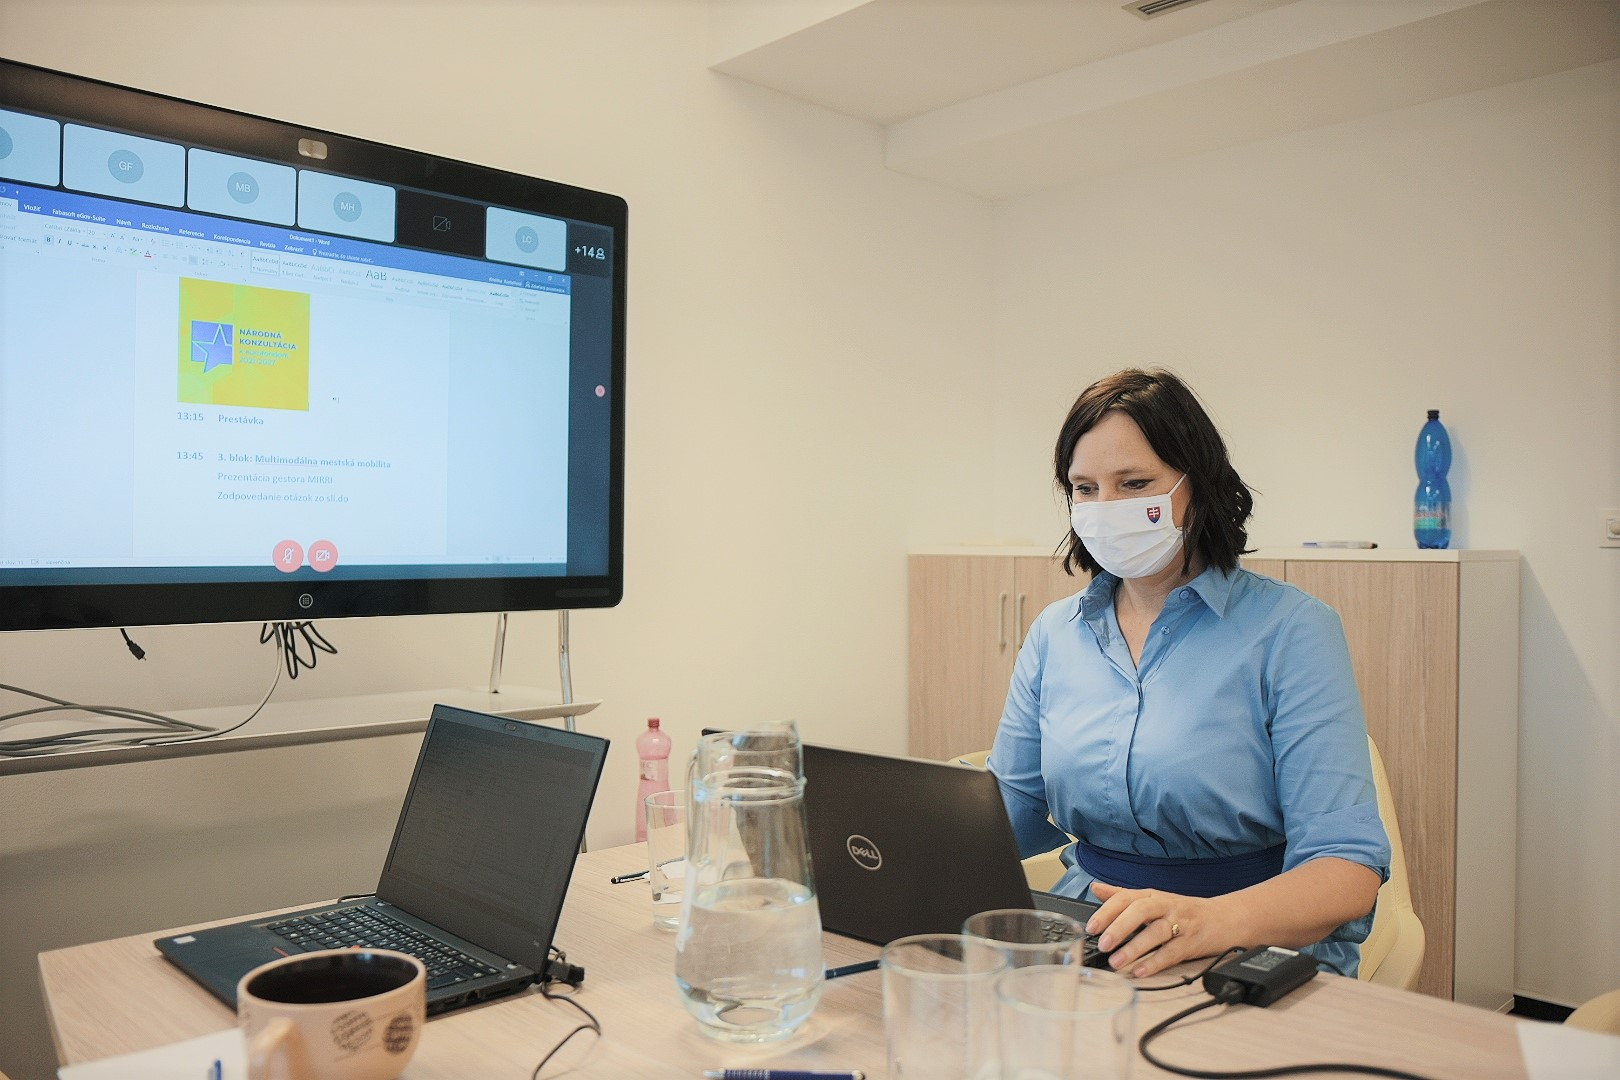 Vicepremiérka Remišová odštartovala prvé online kolo Národnej konzultácie k eurofondom